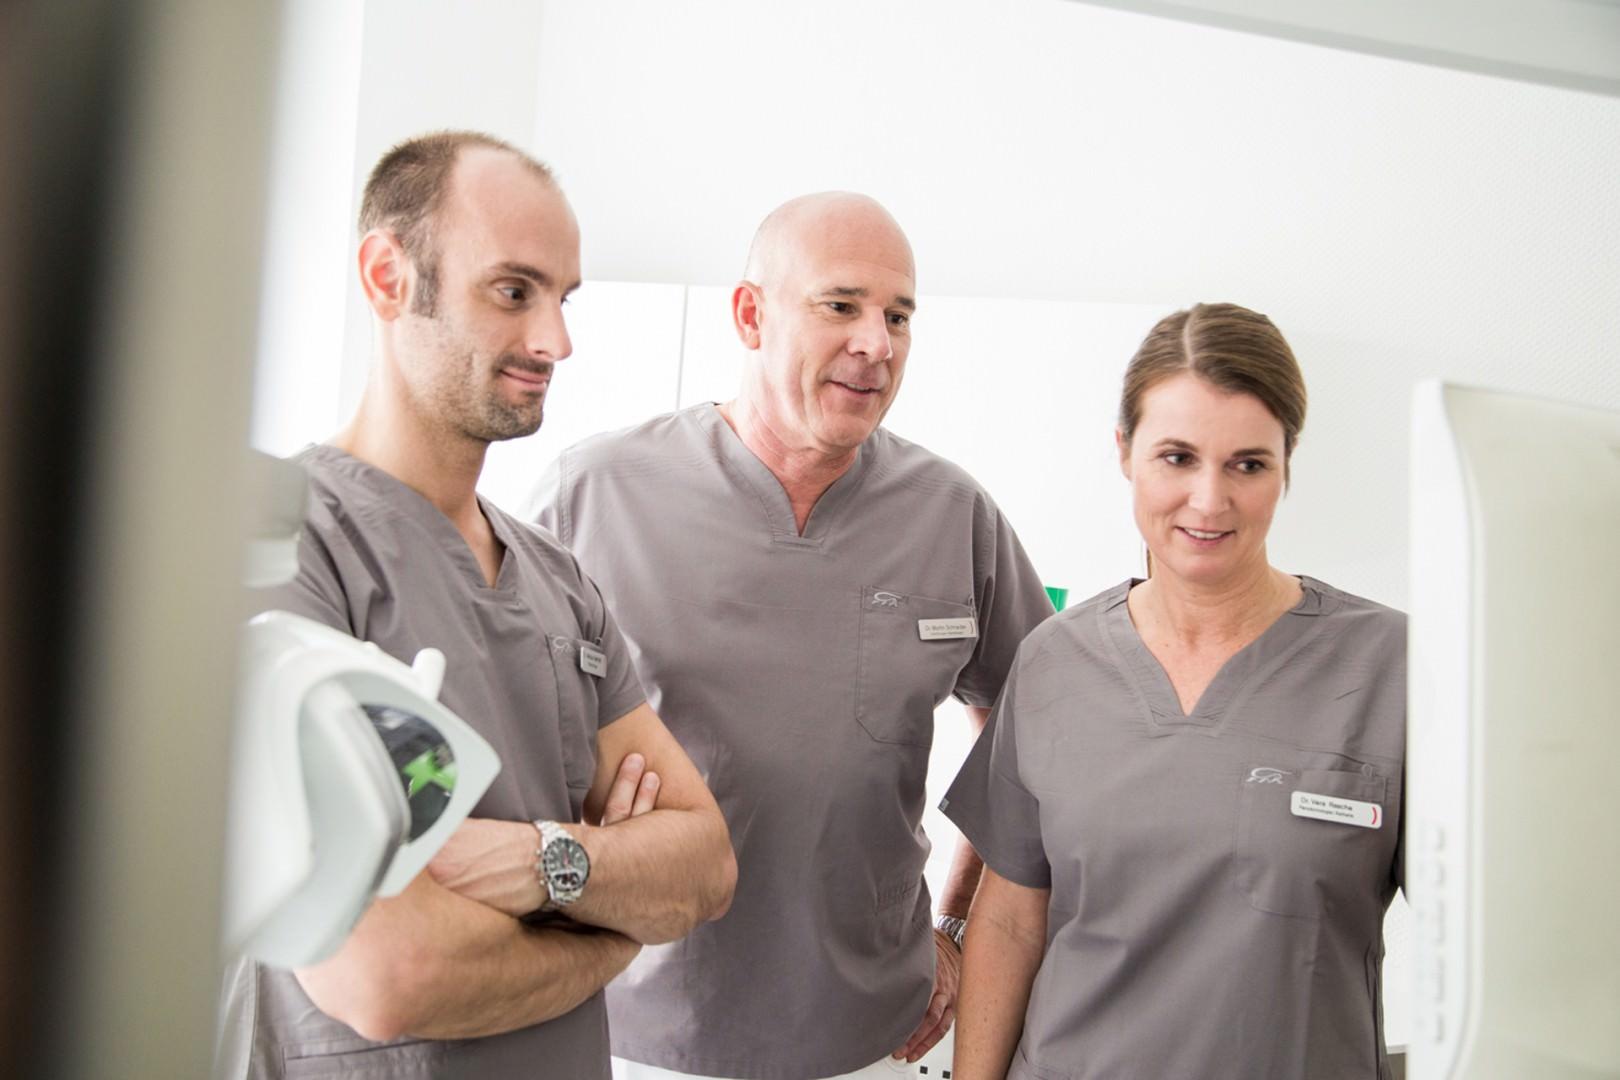 Zahnkultur Köln - Dr. Bechtold, Dr. Schneider, Frau Dr. Rasche schauen gemeinsam auf einen Bildschirm